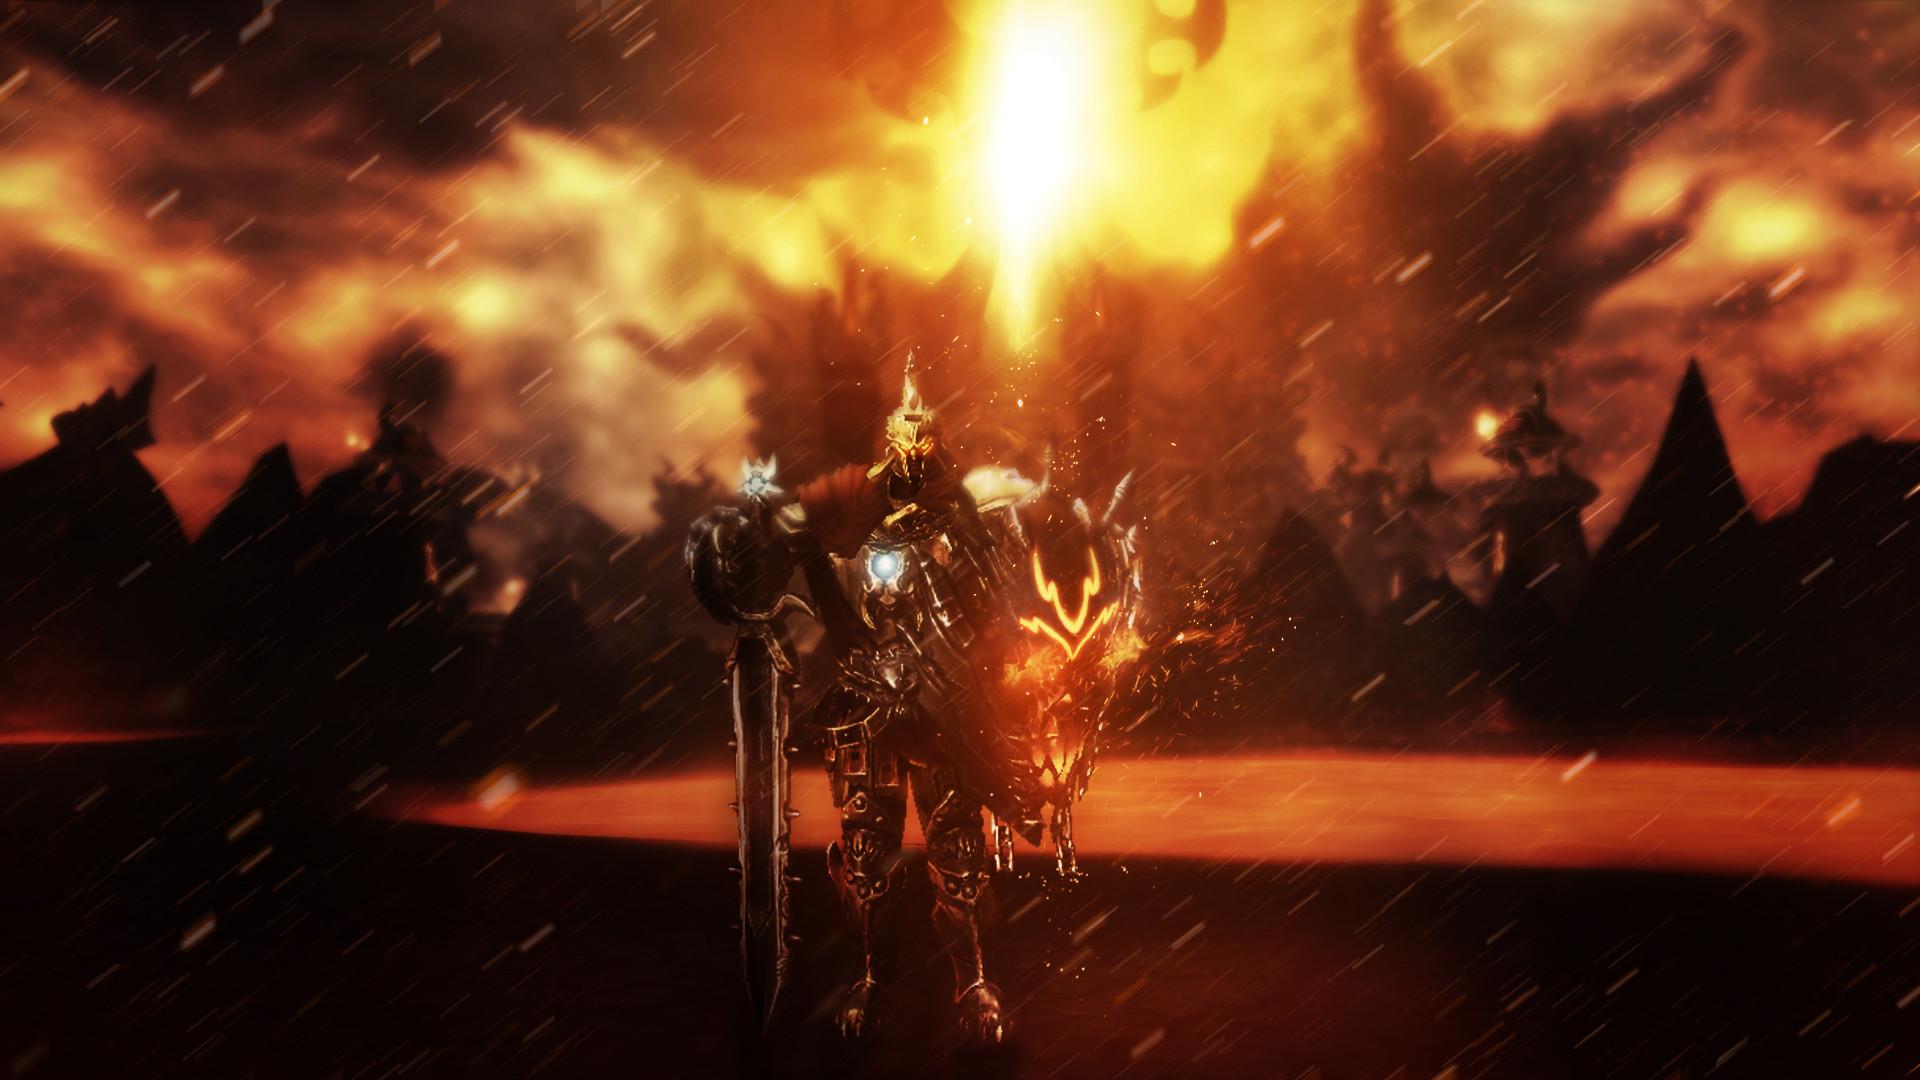 https://fc07.deviantart.net/fs71/f/2014/021/d/5/ares_the_god_of_war__smite __by_banan163-d732g6x.jpg